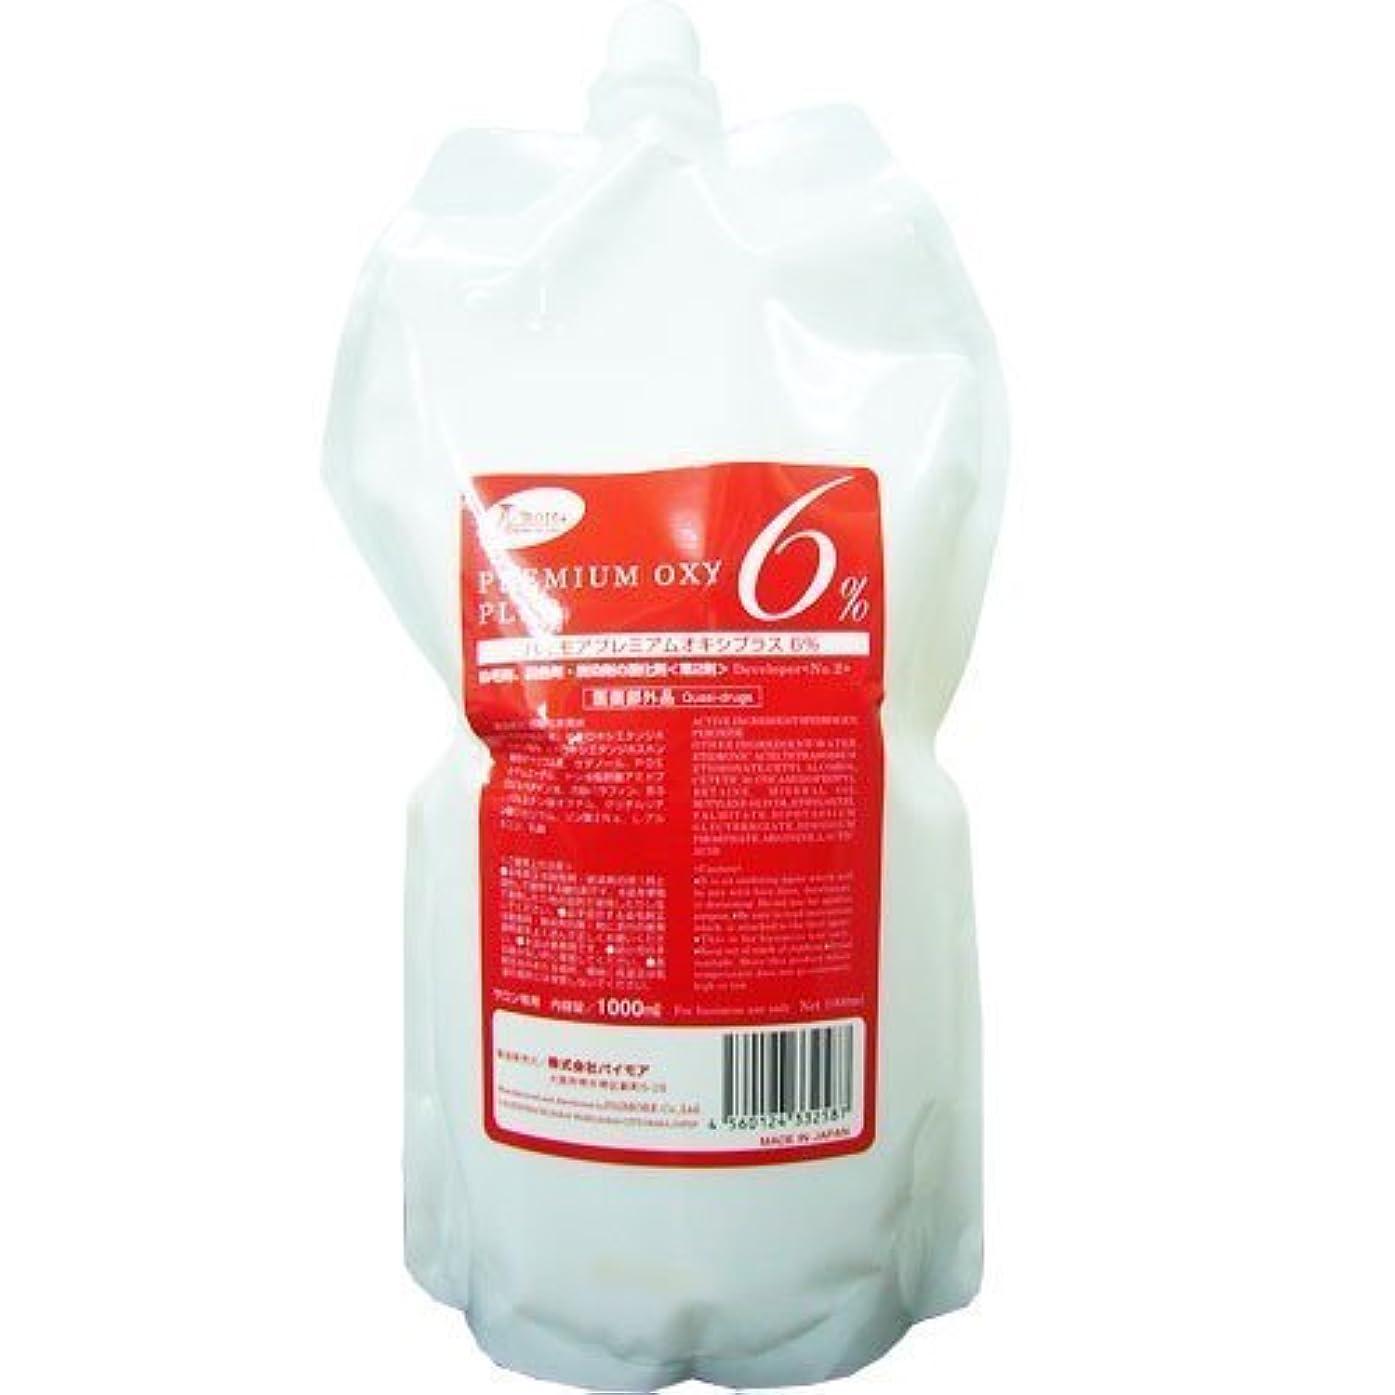 配分出費インディカパイモア プレミアムオキシプラス 6%(パウチタイプ) 1000ml [医薬部外品]